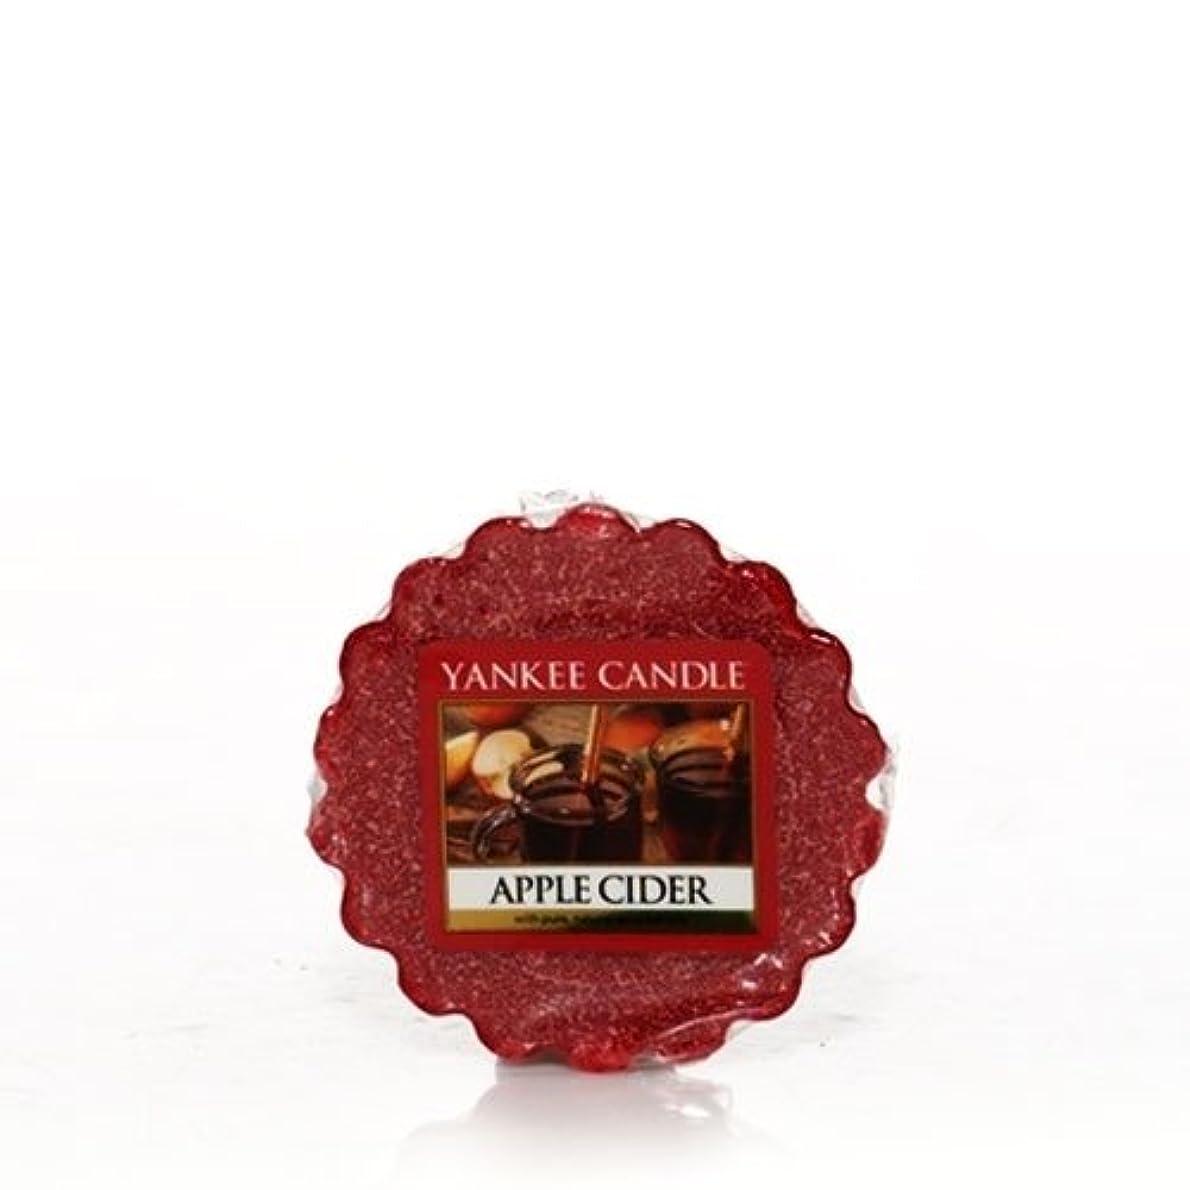 ペニー申請中銛Yankee Candle Apple Cider, Food & Spice香り Tarts wax melts 1187886-YC